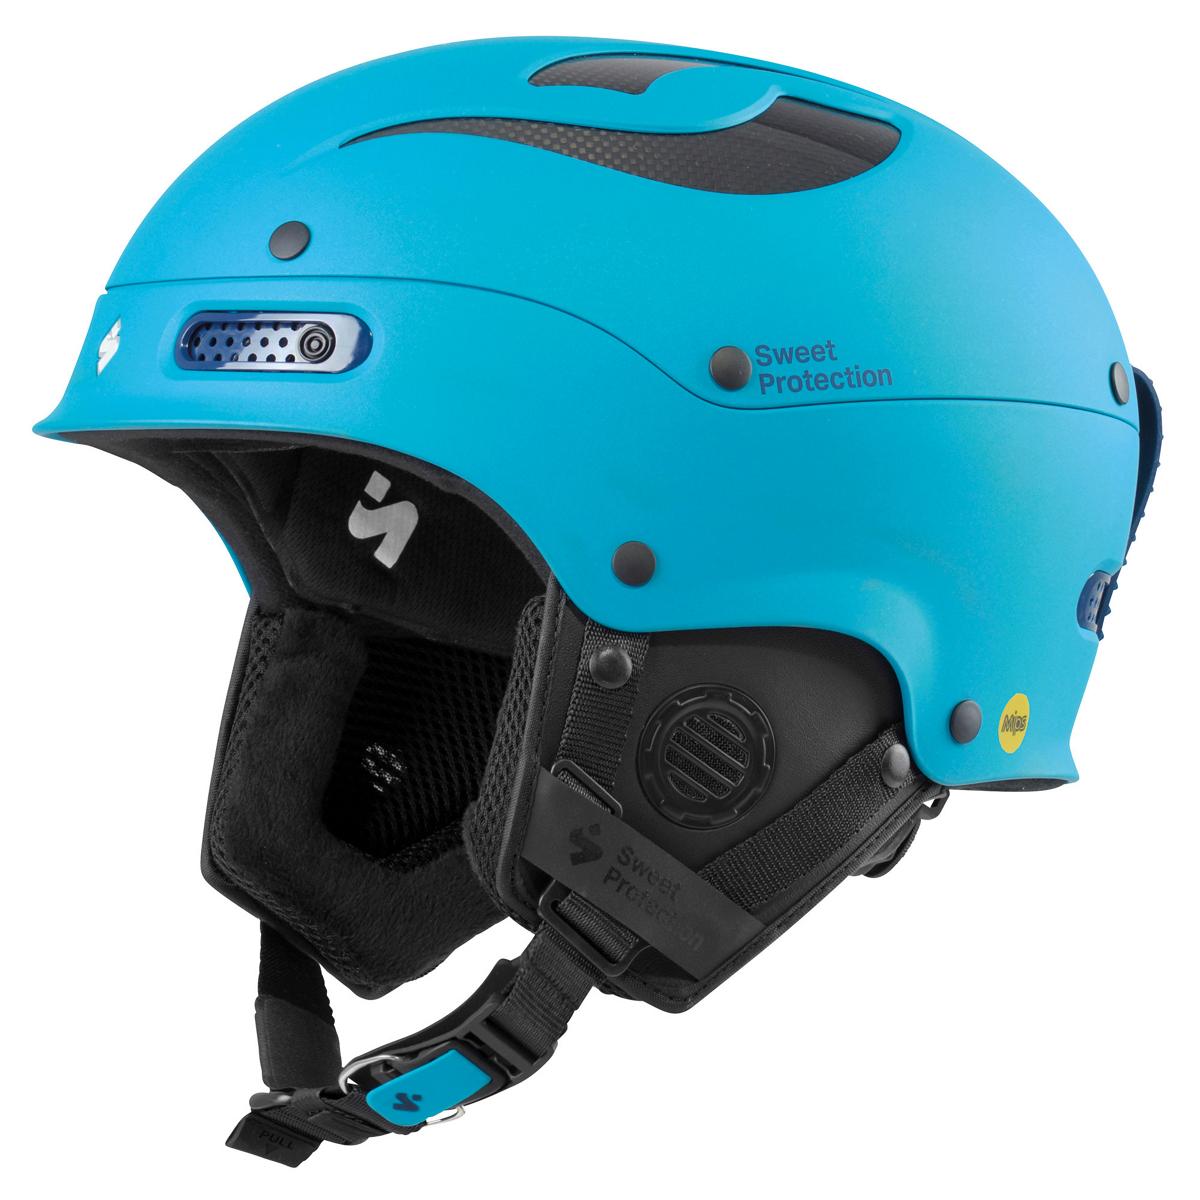 Sweet Trooper II Helmet with MIPS